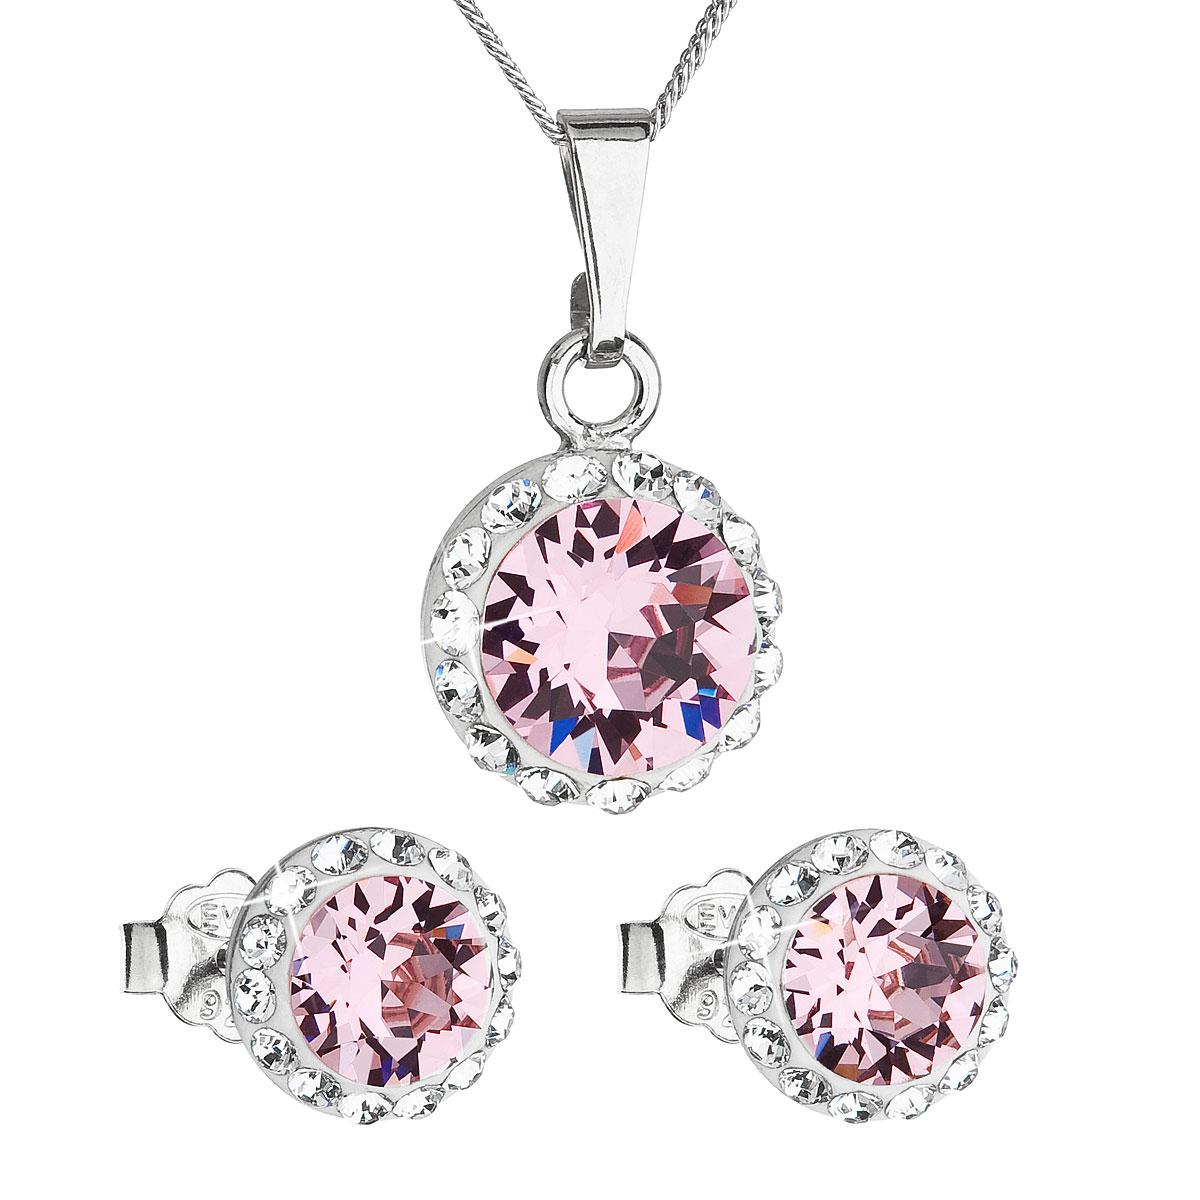 Sada šperků s krystaly Swarovski náušnice, řetízek a přívěsek růžové kulaté 39152.3 rose